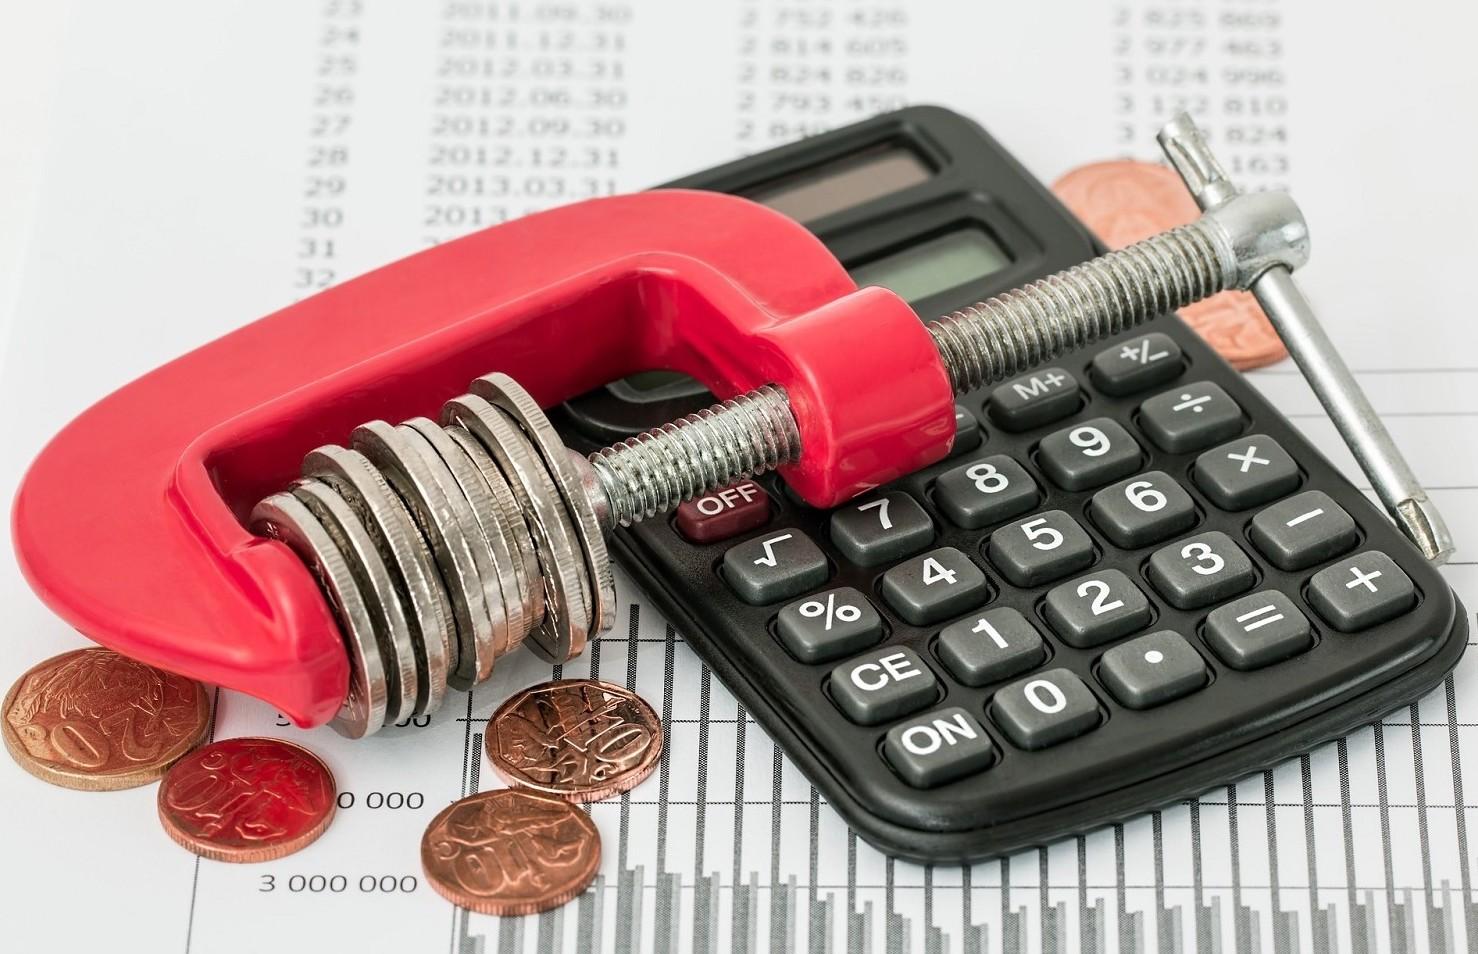 Prestito non pagato, legge per fare accordo con finanziaria per evitare recupero crediti e pignoramento